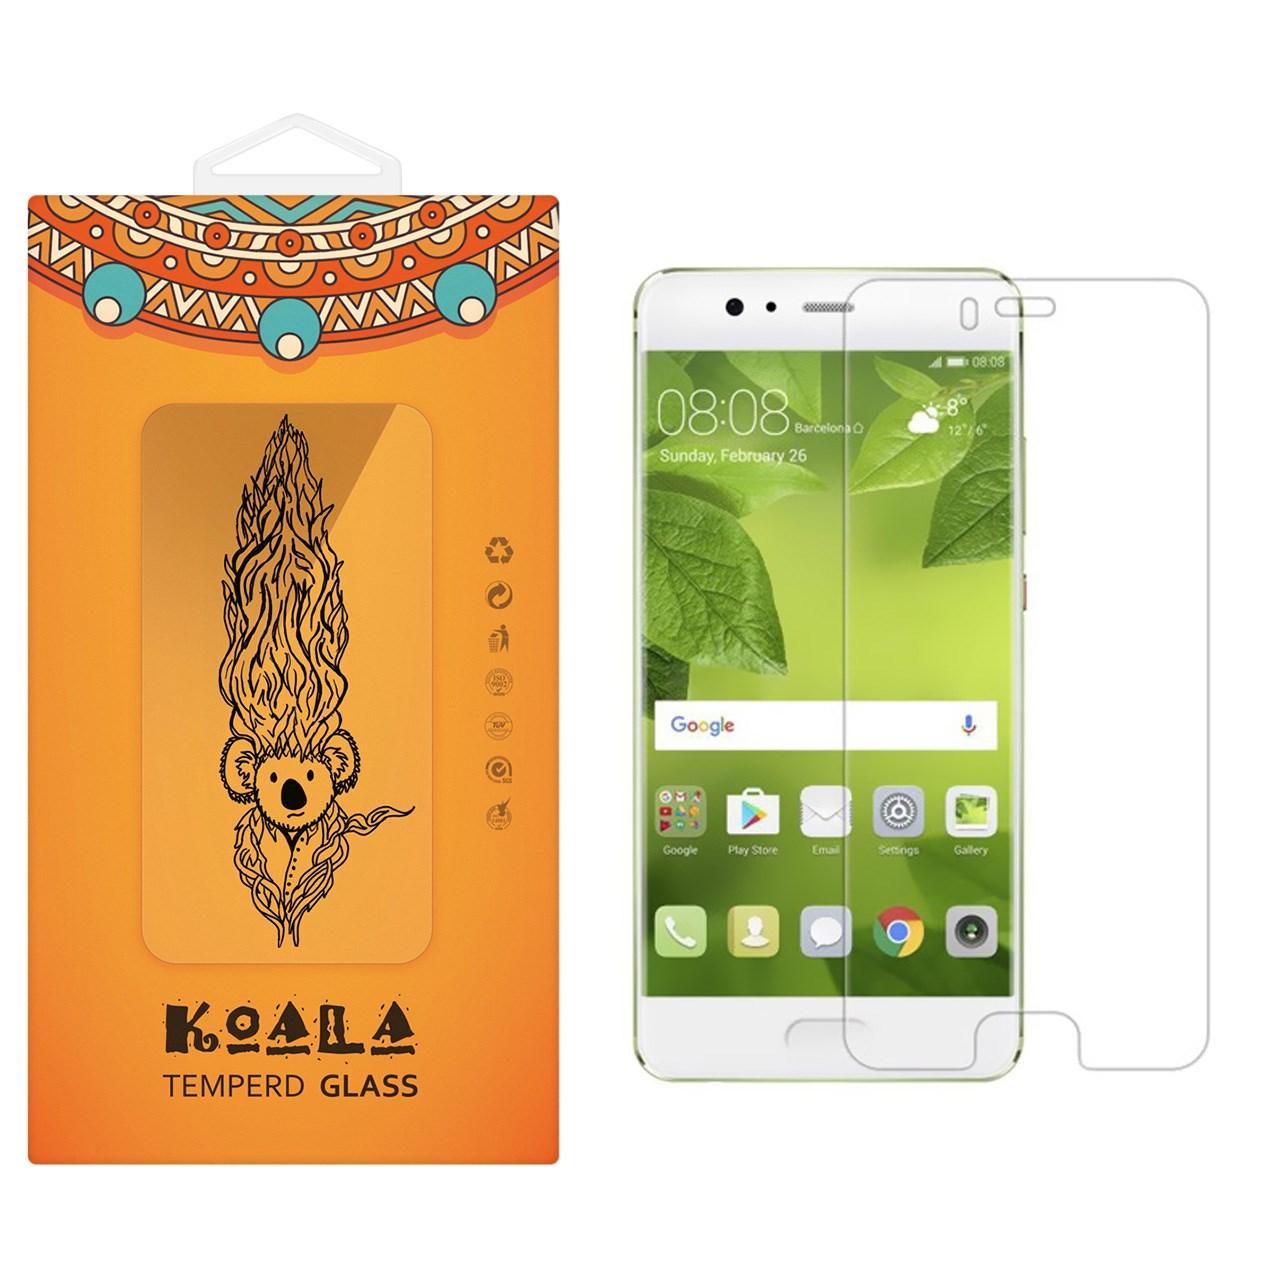 محافظ صفحه نمایش شیشه ای کوالا مدل Tempered مناسب برای گوشی موبایل هوآوی P10 Plus